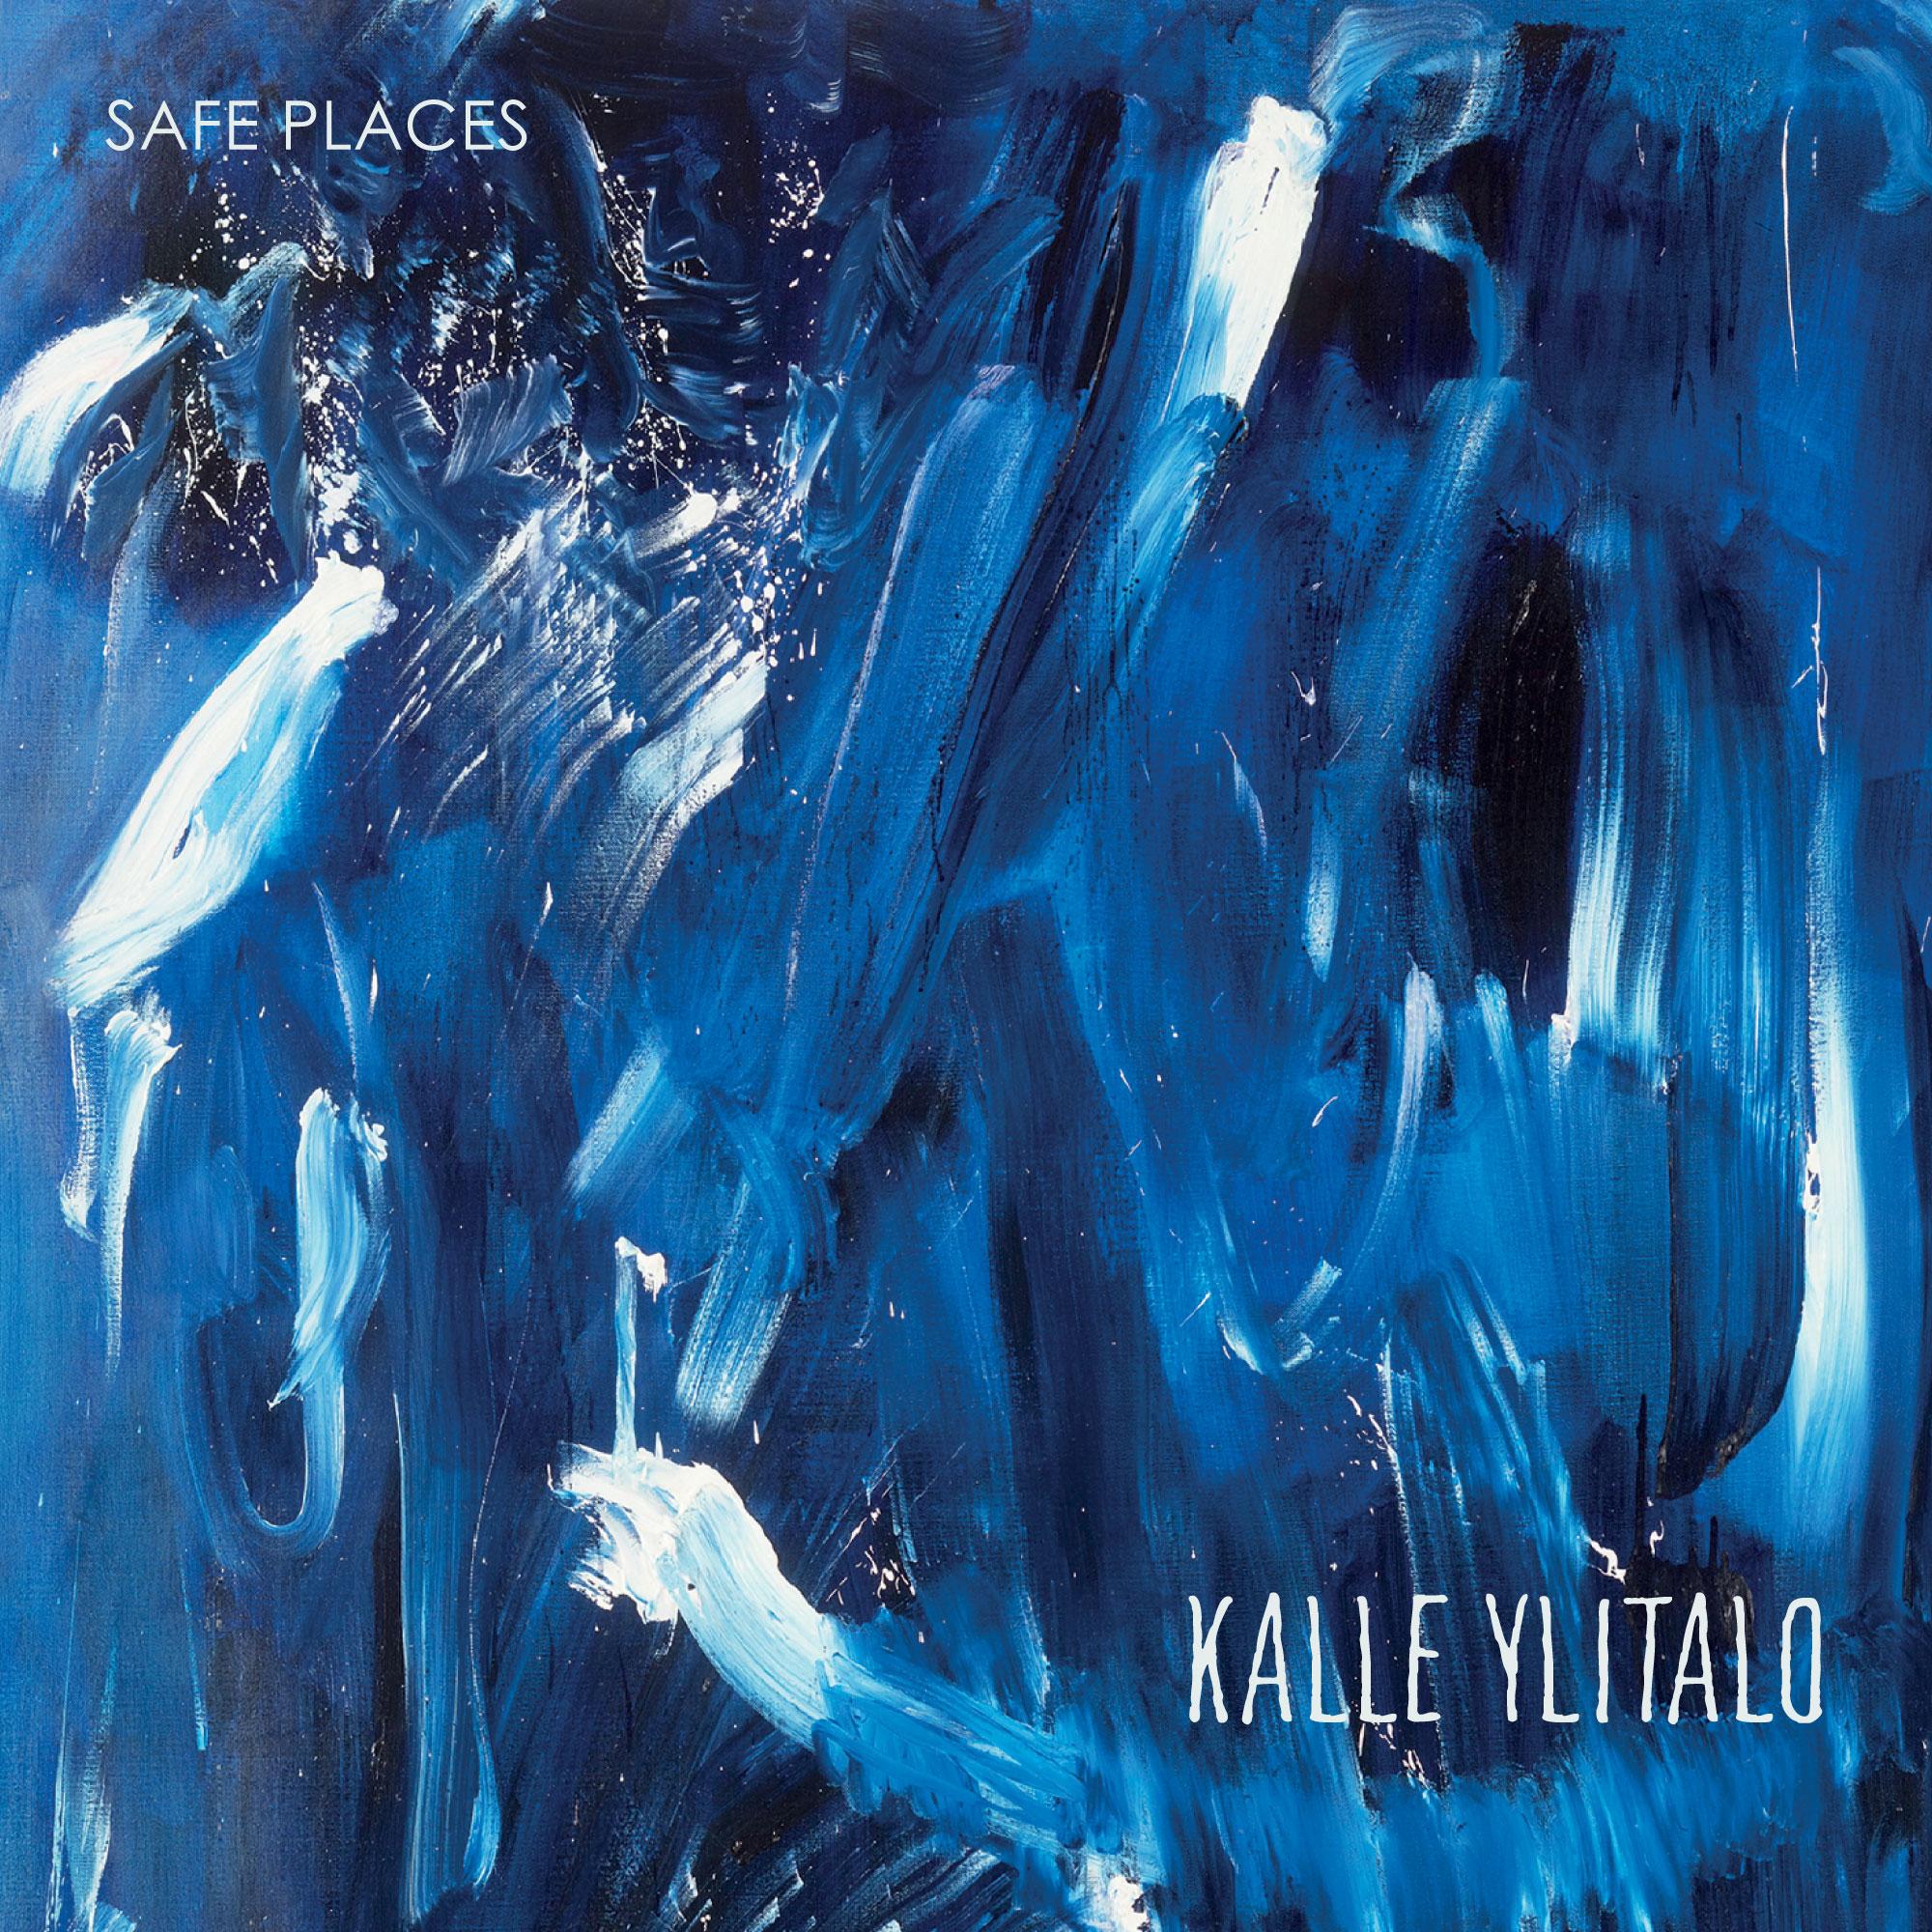 """Linkki tapahtumaan Kalle Ylitalo """"Safe Places"""" -levynjulkaisukeikka"""